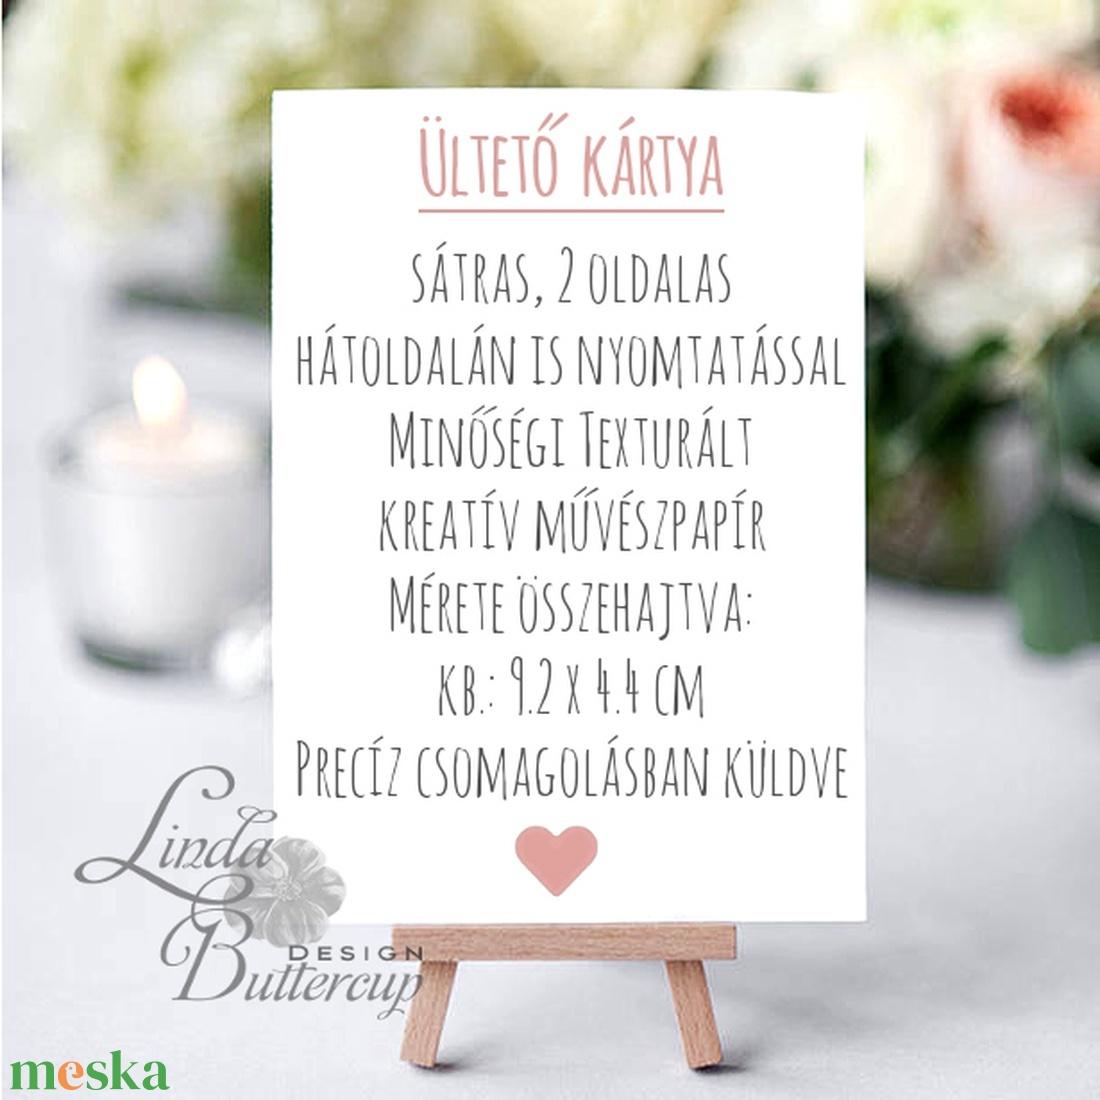 Esküvői ültetőkártya, ültető, Rózsa, Rózsás kártya, virágos ültető, ültetésirend, hely kártya, virágos esküvői dekoráció - esküvő - meghívó & kártya - ültetési rend - Meska.hu